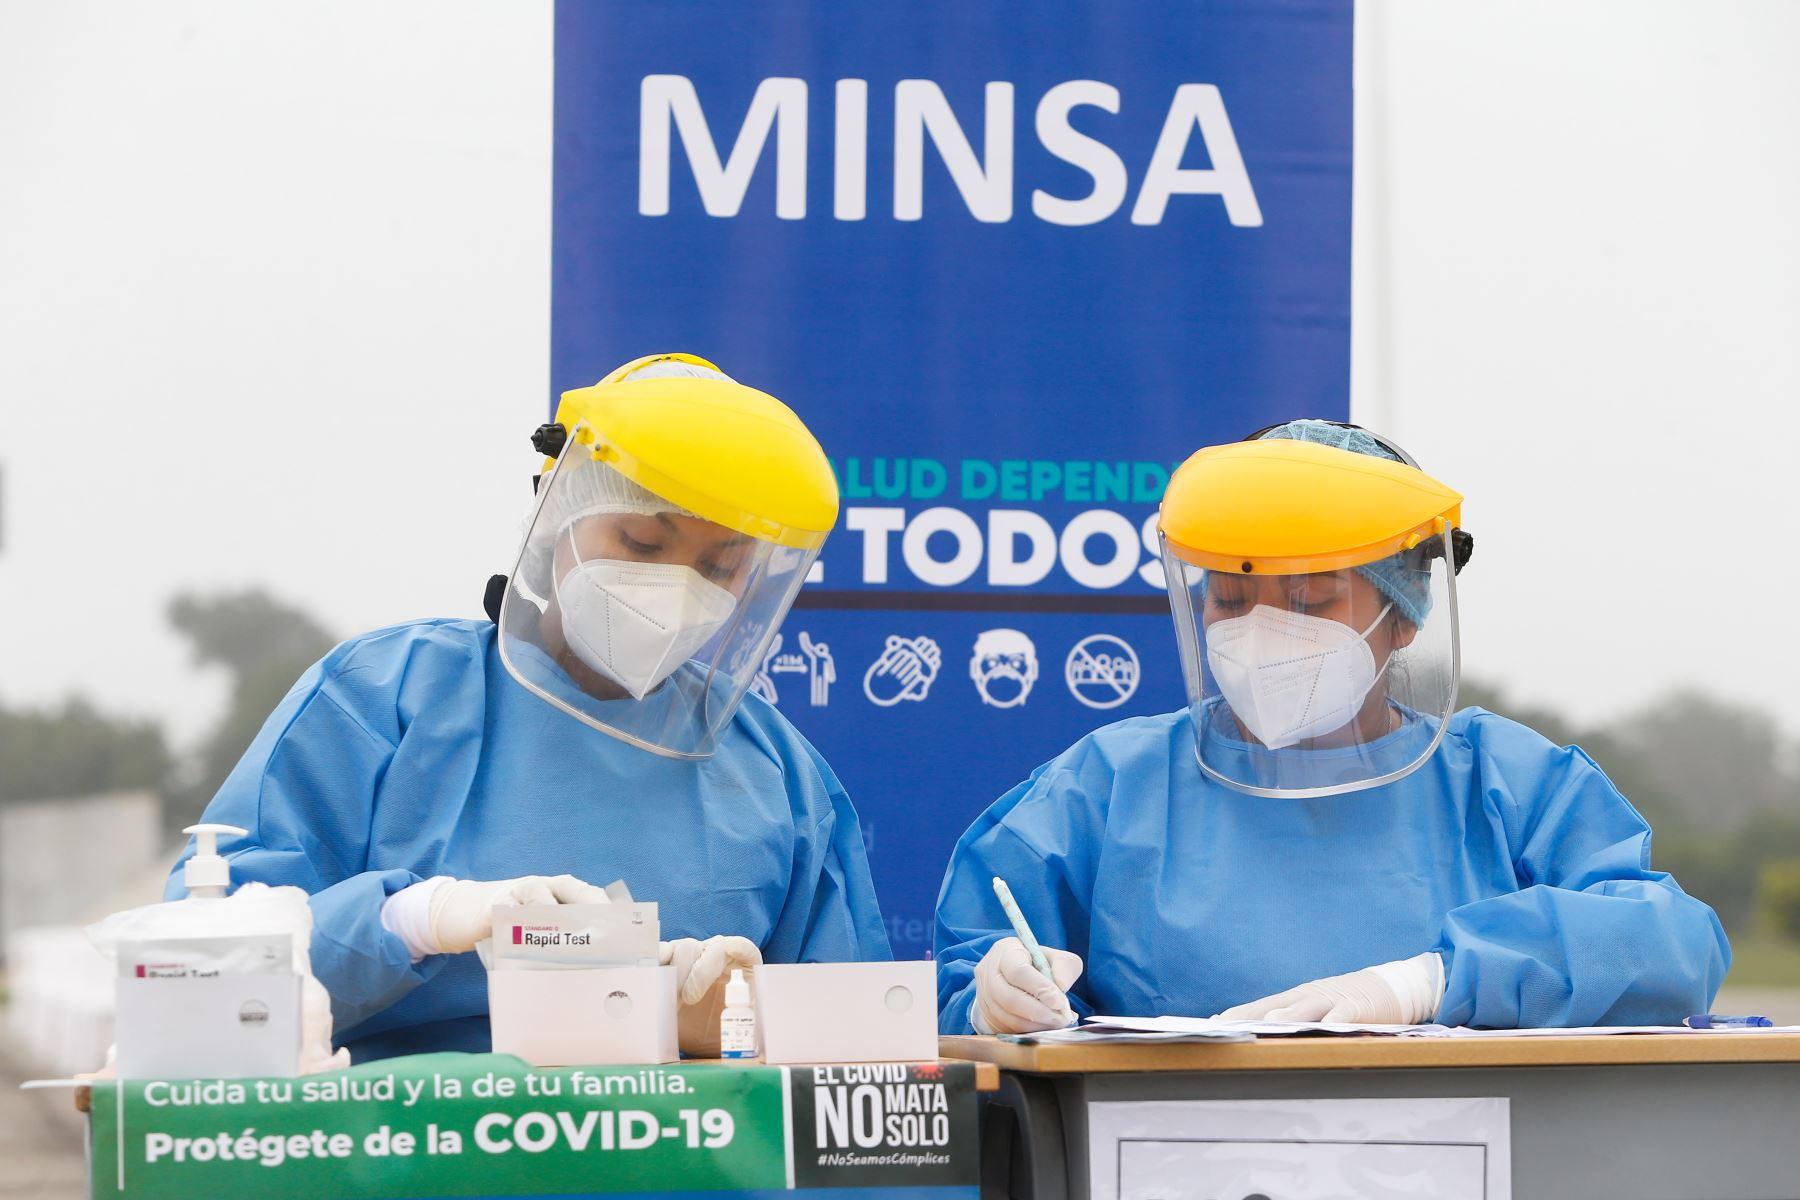 Los centros y puestos de salud tienen que ser mejorados para atender de forma temprana los casos de covid-19. ANDINA/MInsa